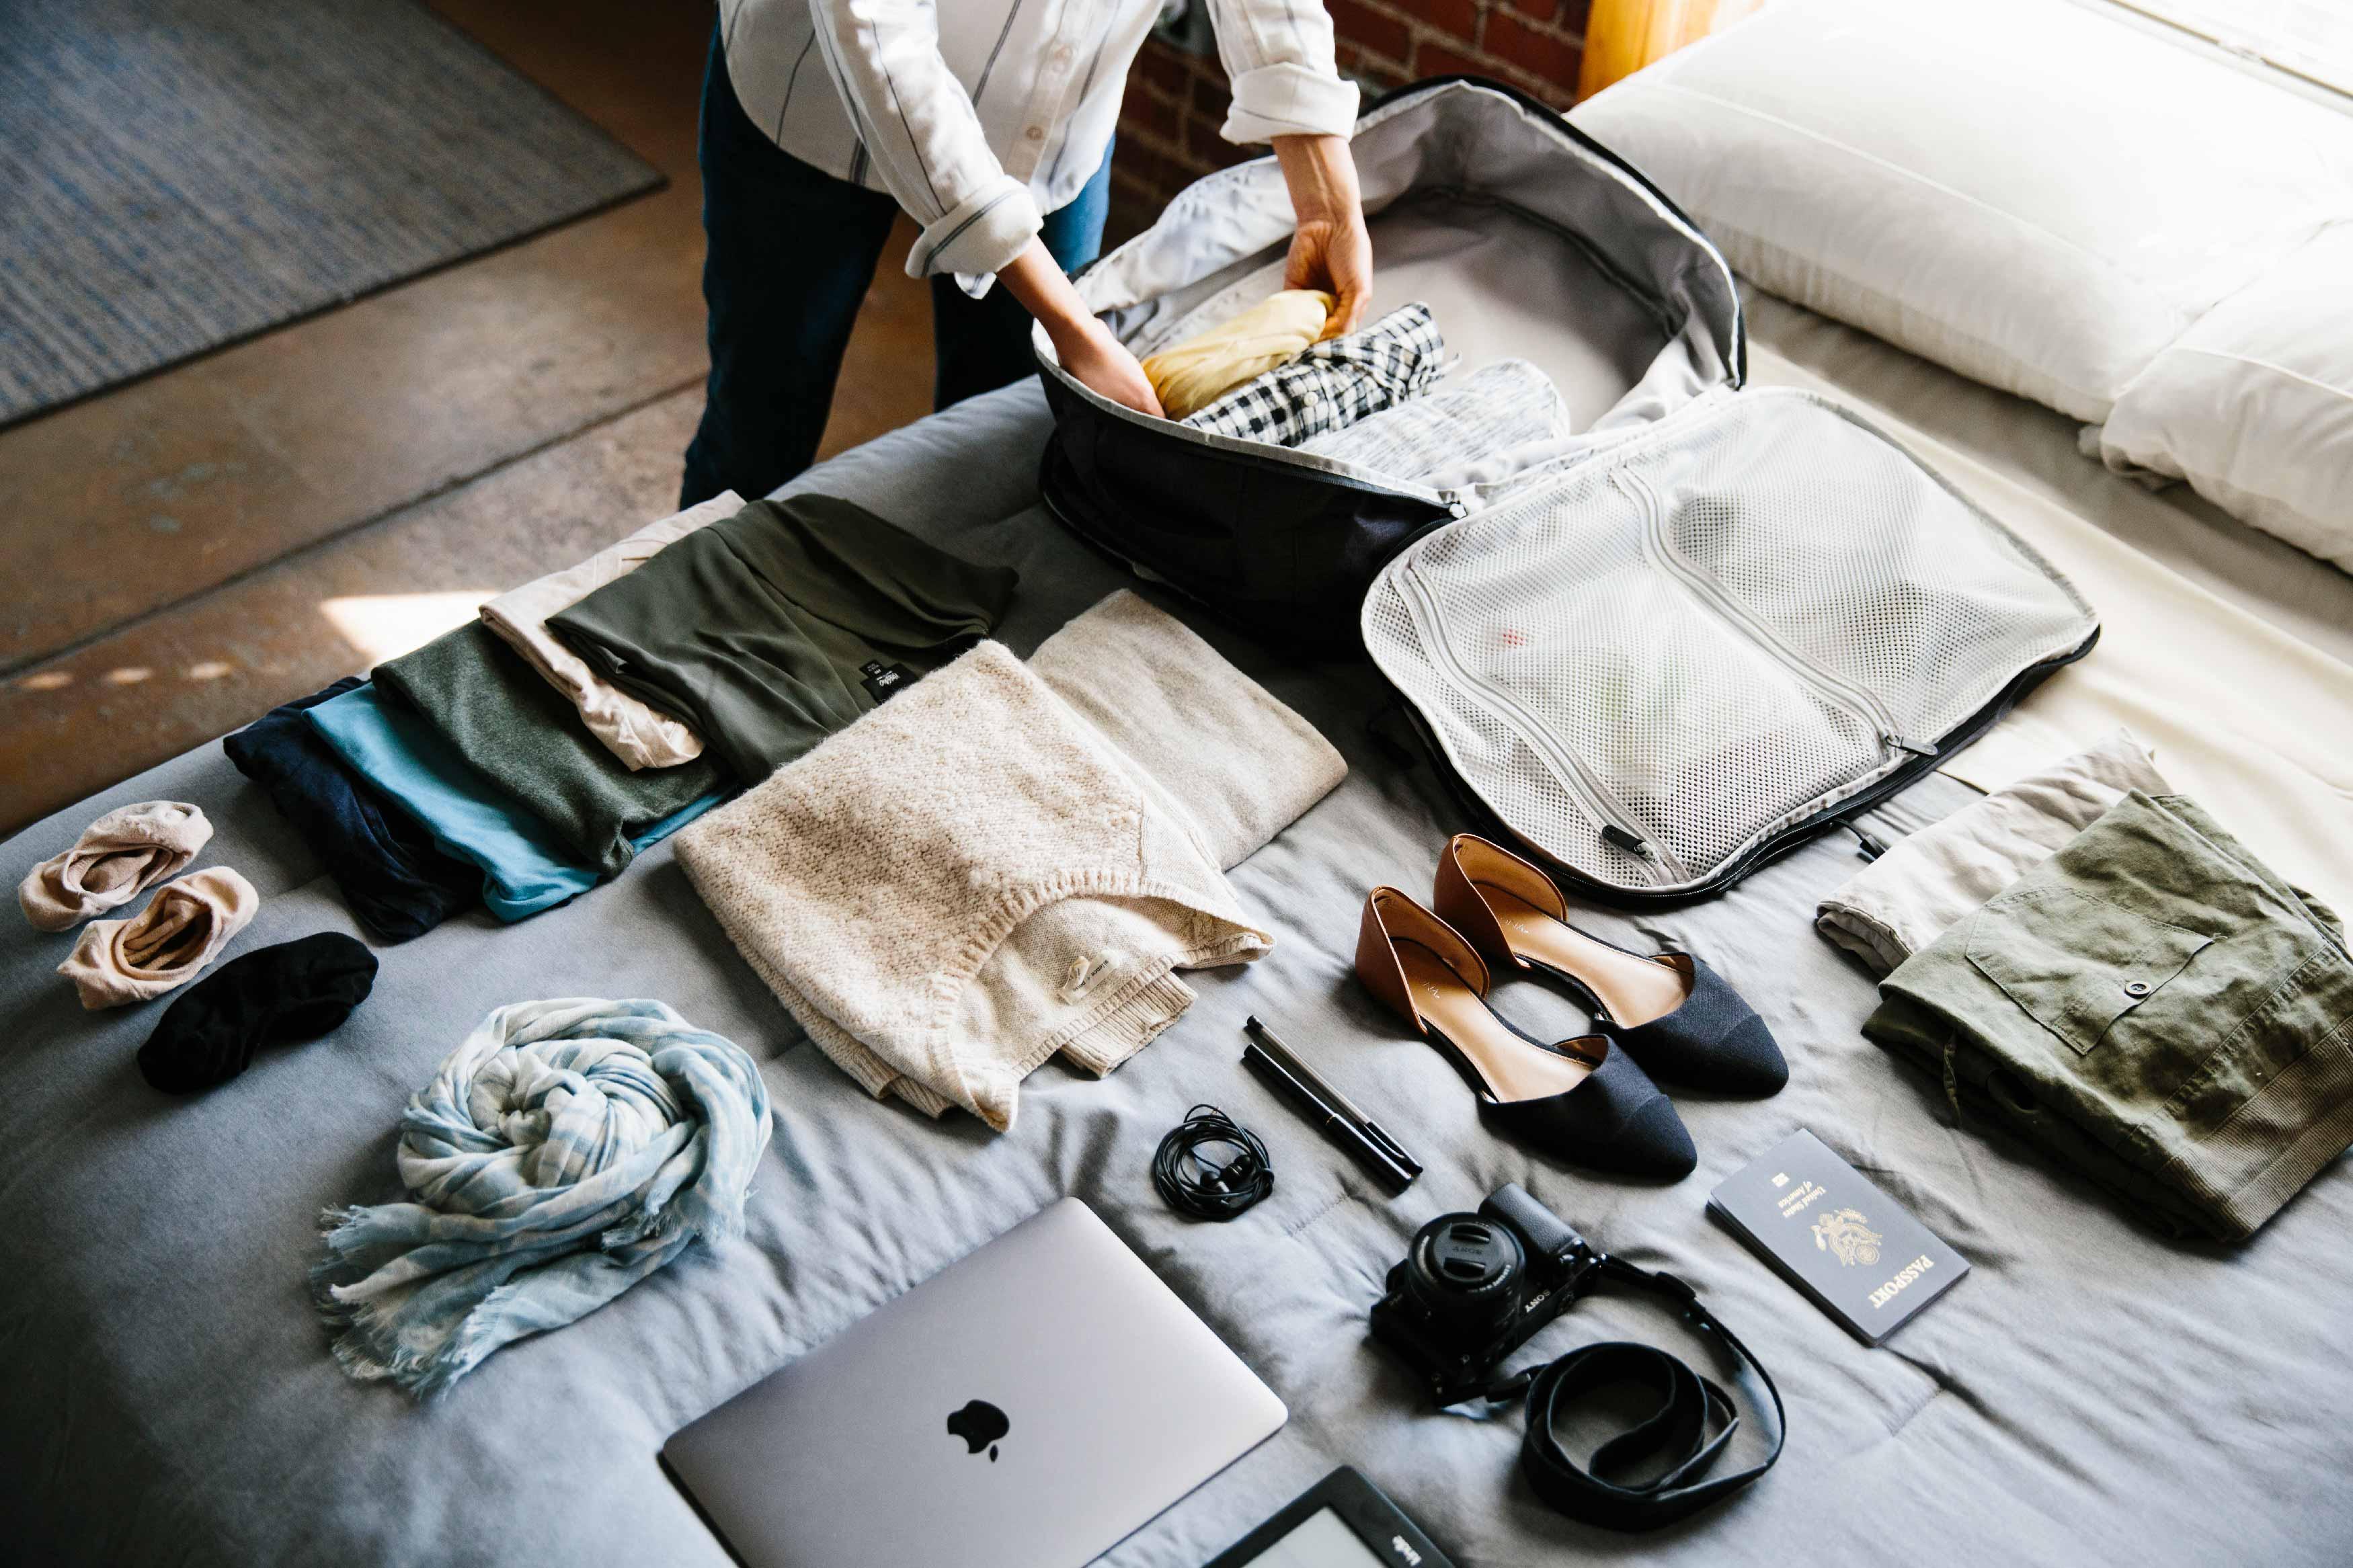 Нижнее белье и бюстгальтеры в путешествии: что взять, как хранить и стирать